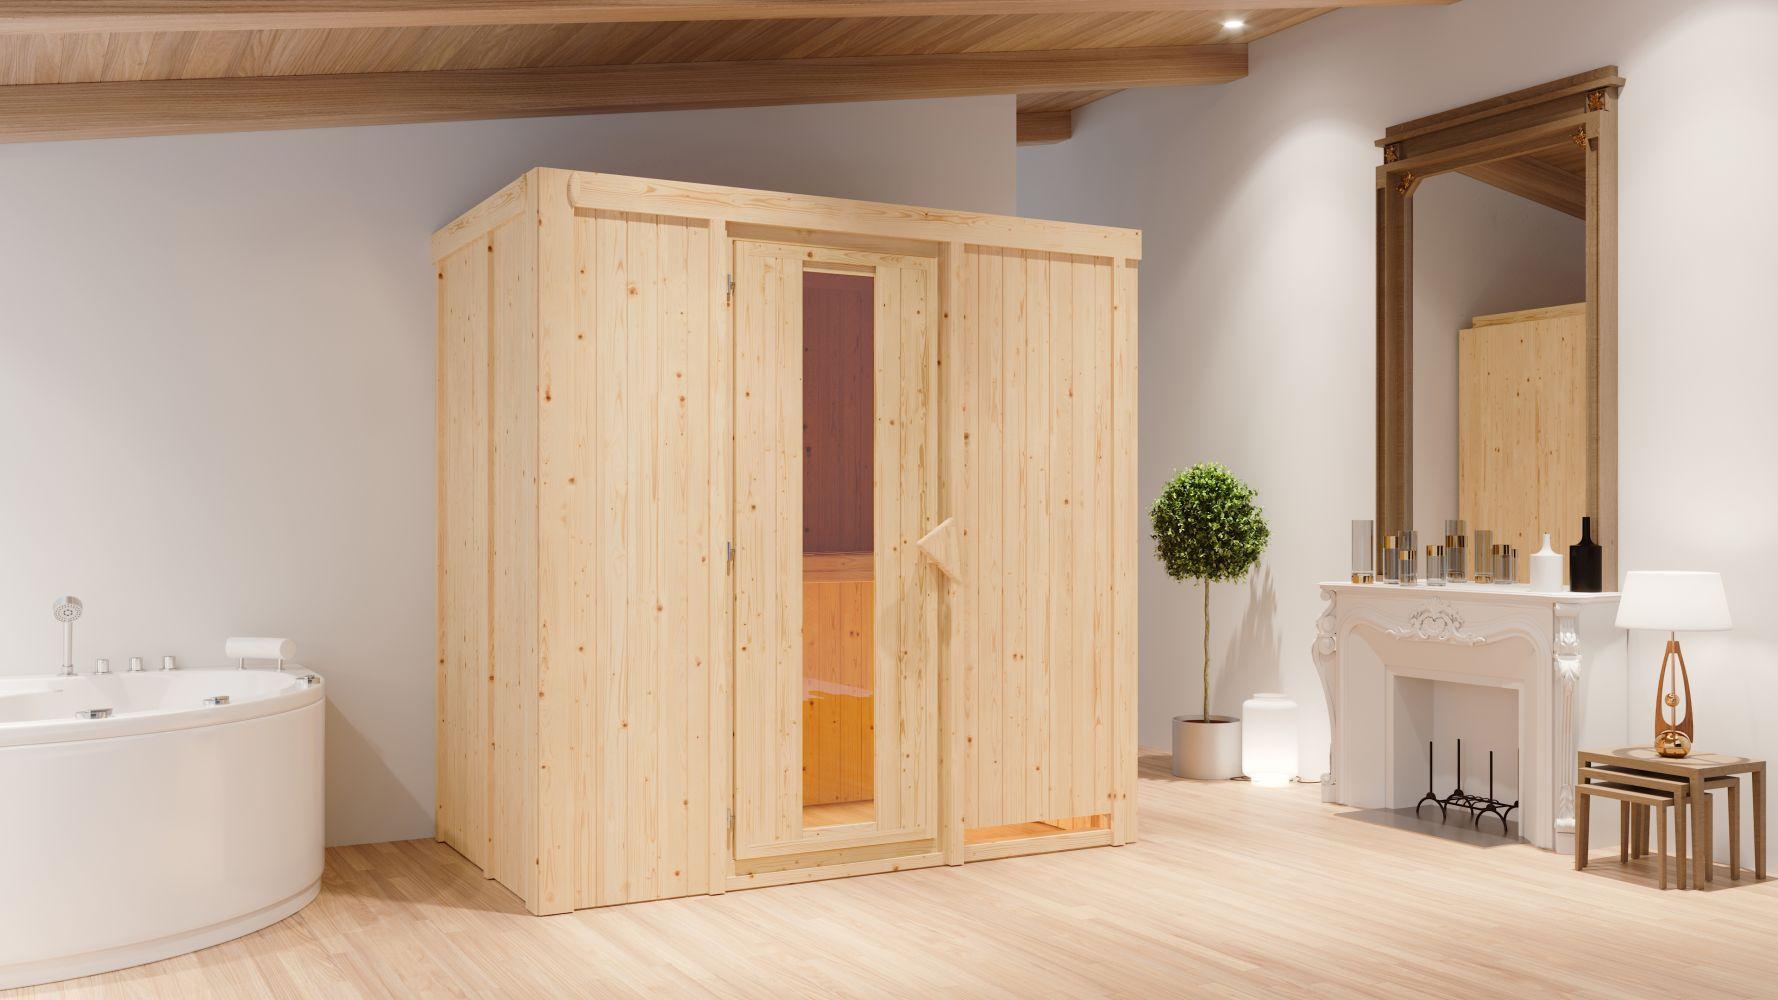 Sauna Giulia 01, 68 mm Wandstärke - 196 x 118 x 198 cm (B x T x H) - Ausführung:inkl. Bio-Ofen mit externer Steuerung